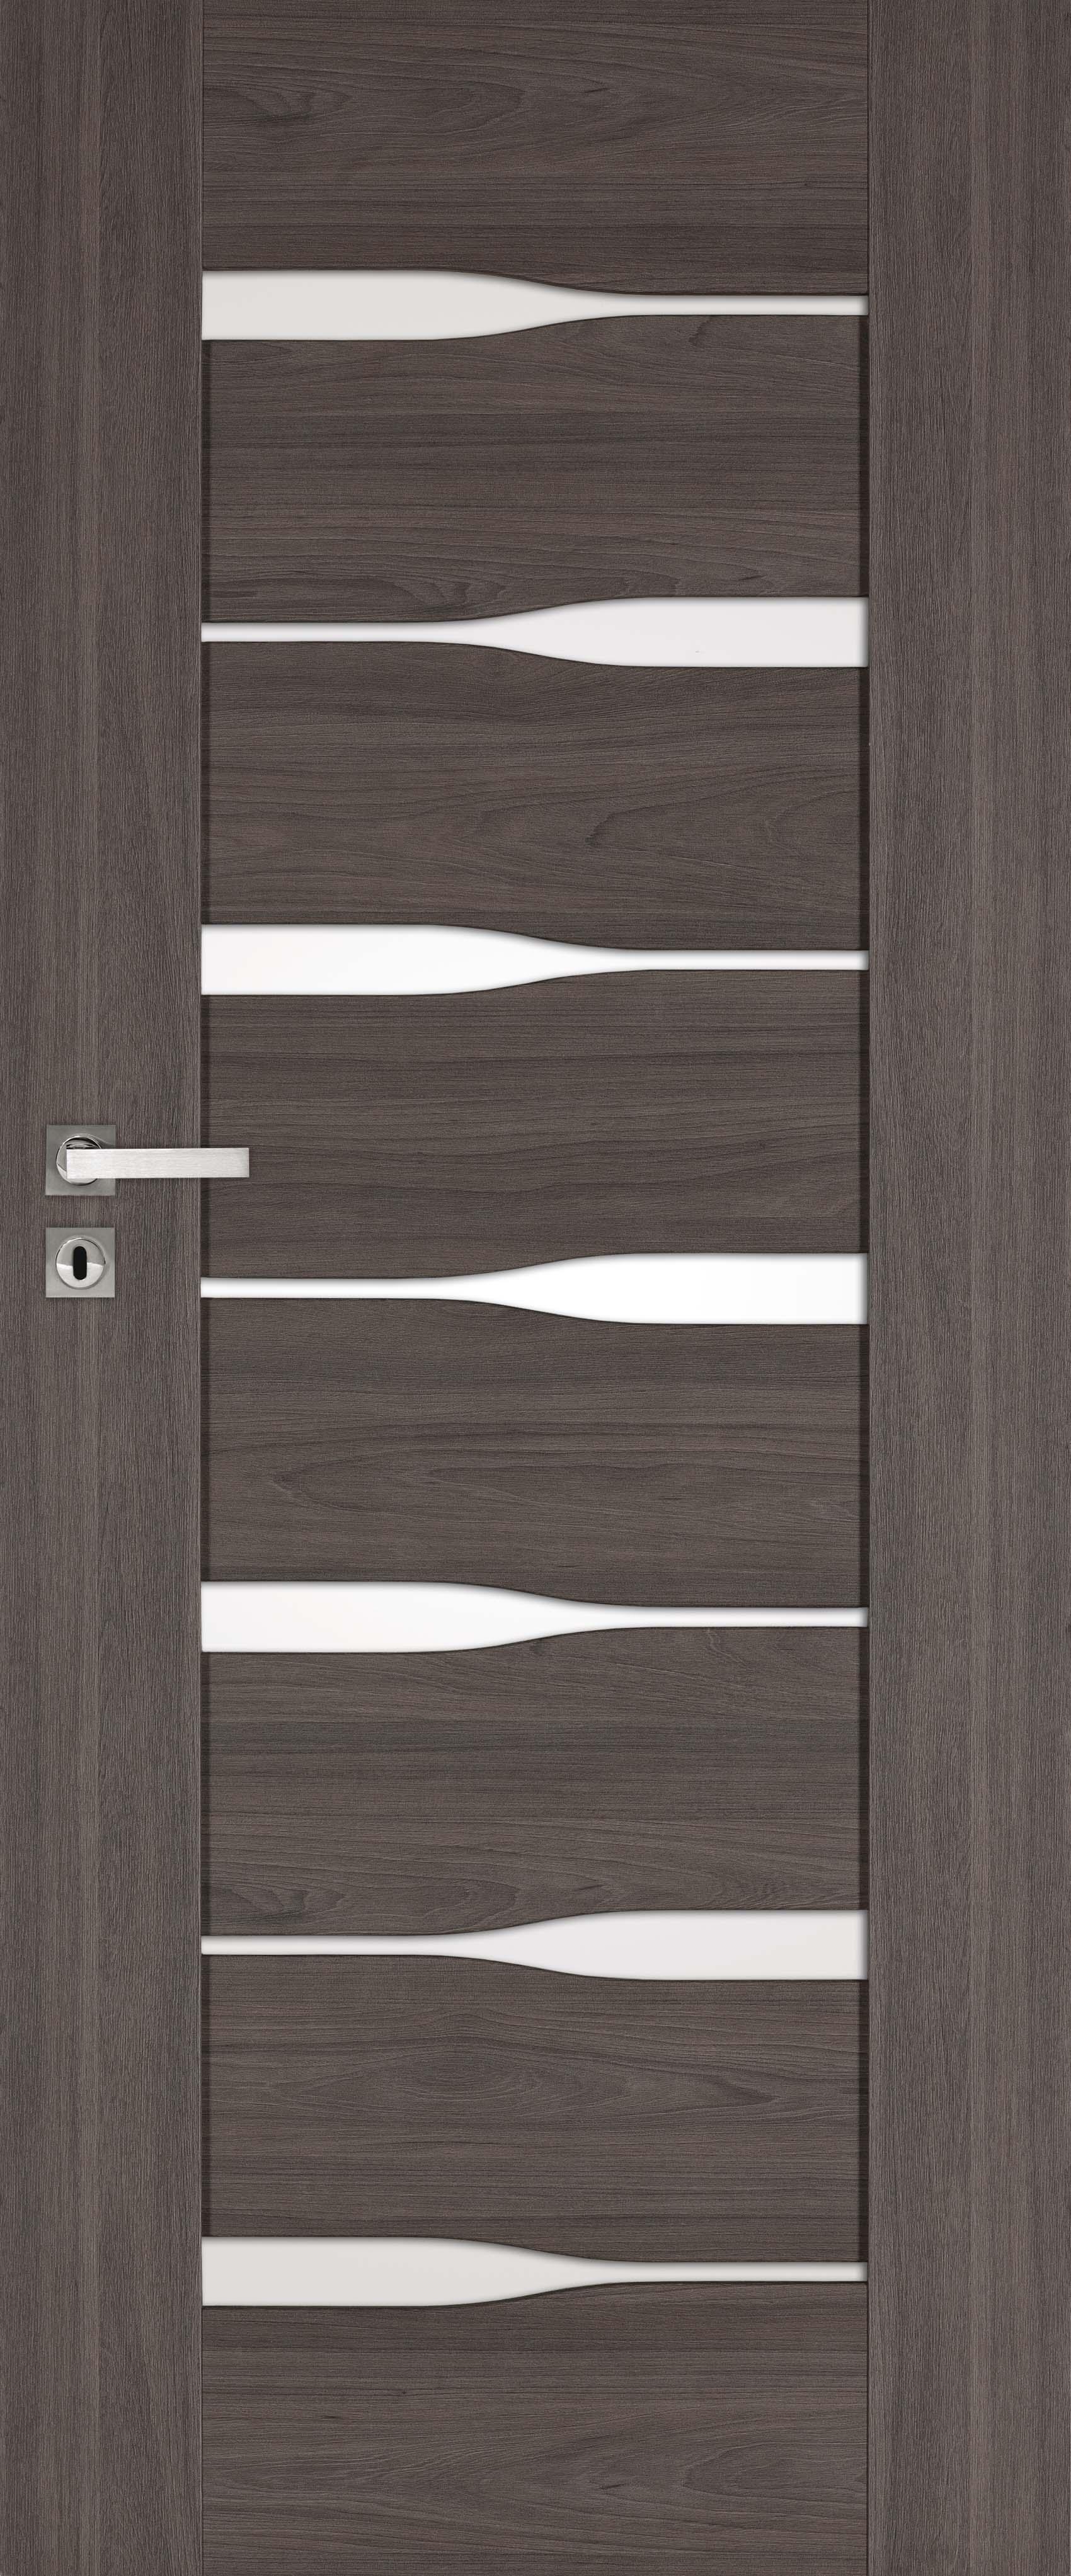 Emena Dre, kolor okleiny-wiąz tabac, drzwi ramowe, przylgowe i bezprzylgowe